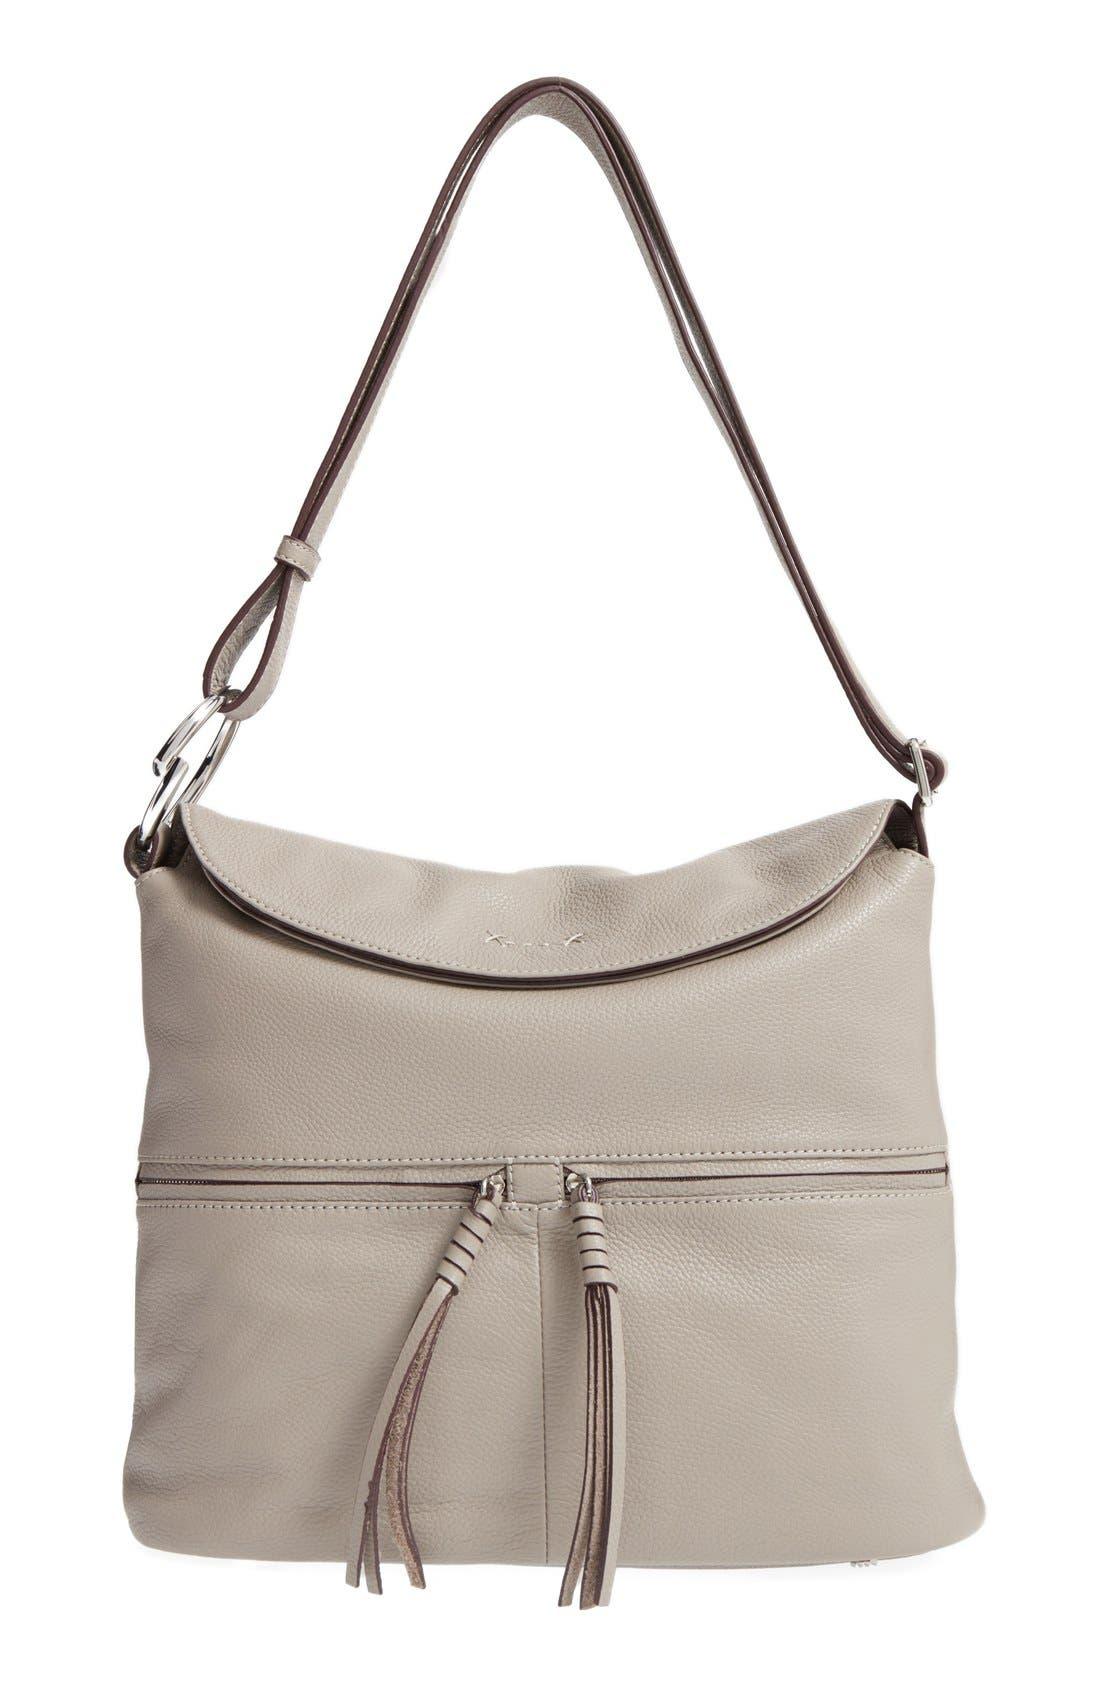 Finley Leather Hobo Bag,                             Main thumbnail 2, color,